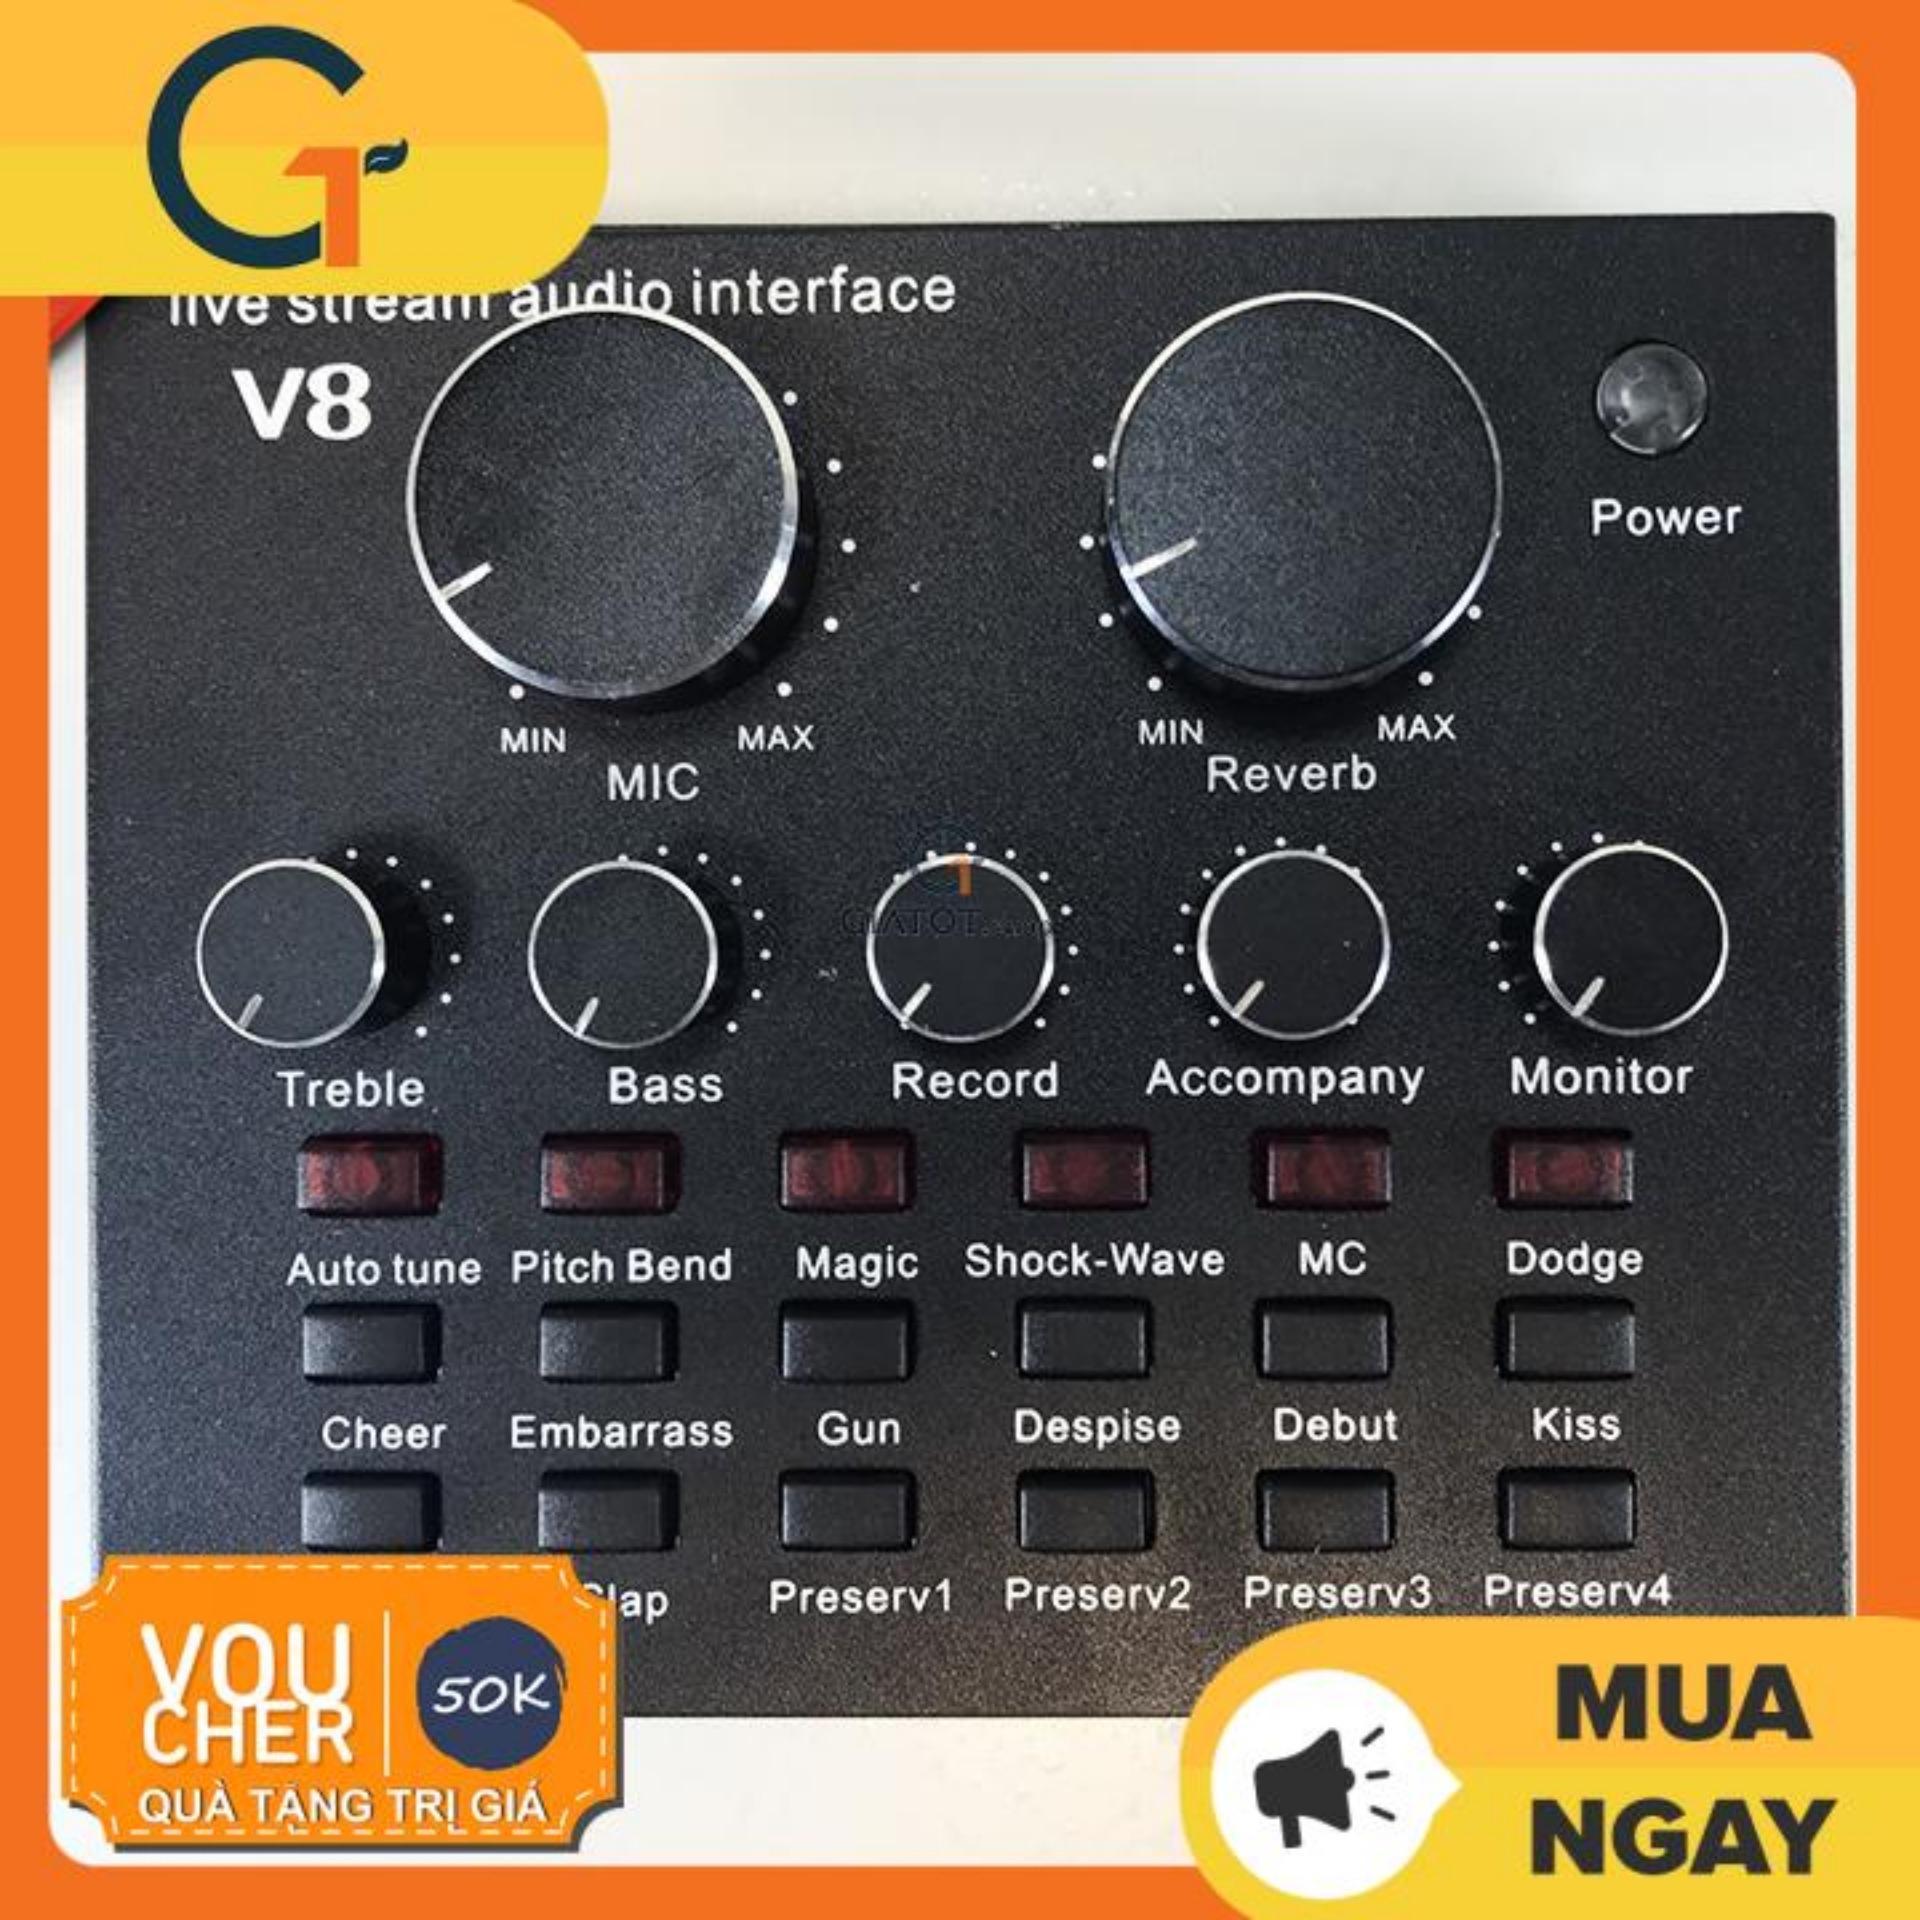 Sound Card V8 Có Auto Tone Dành Cho Micro Thu âm Giá Tốt Nhất Thị Trường